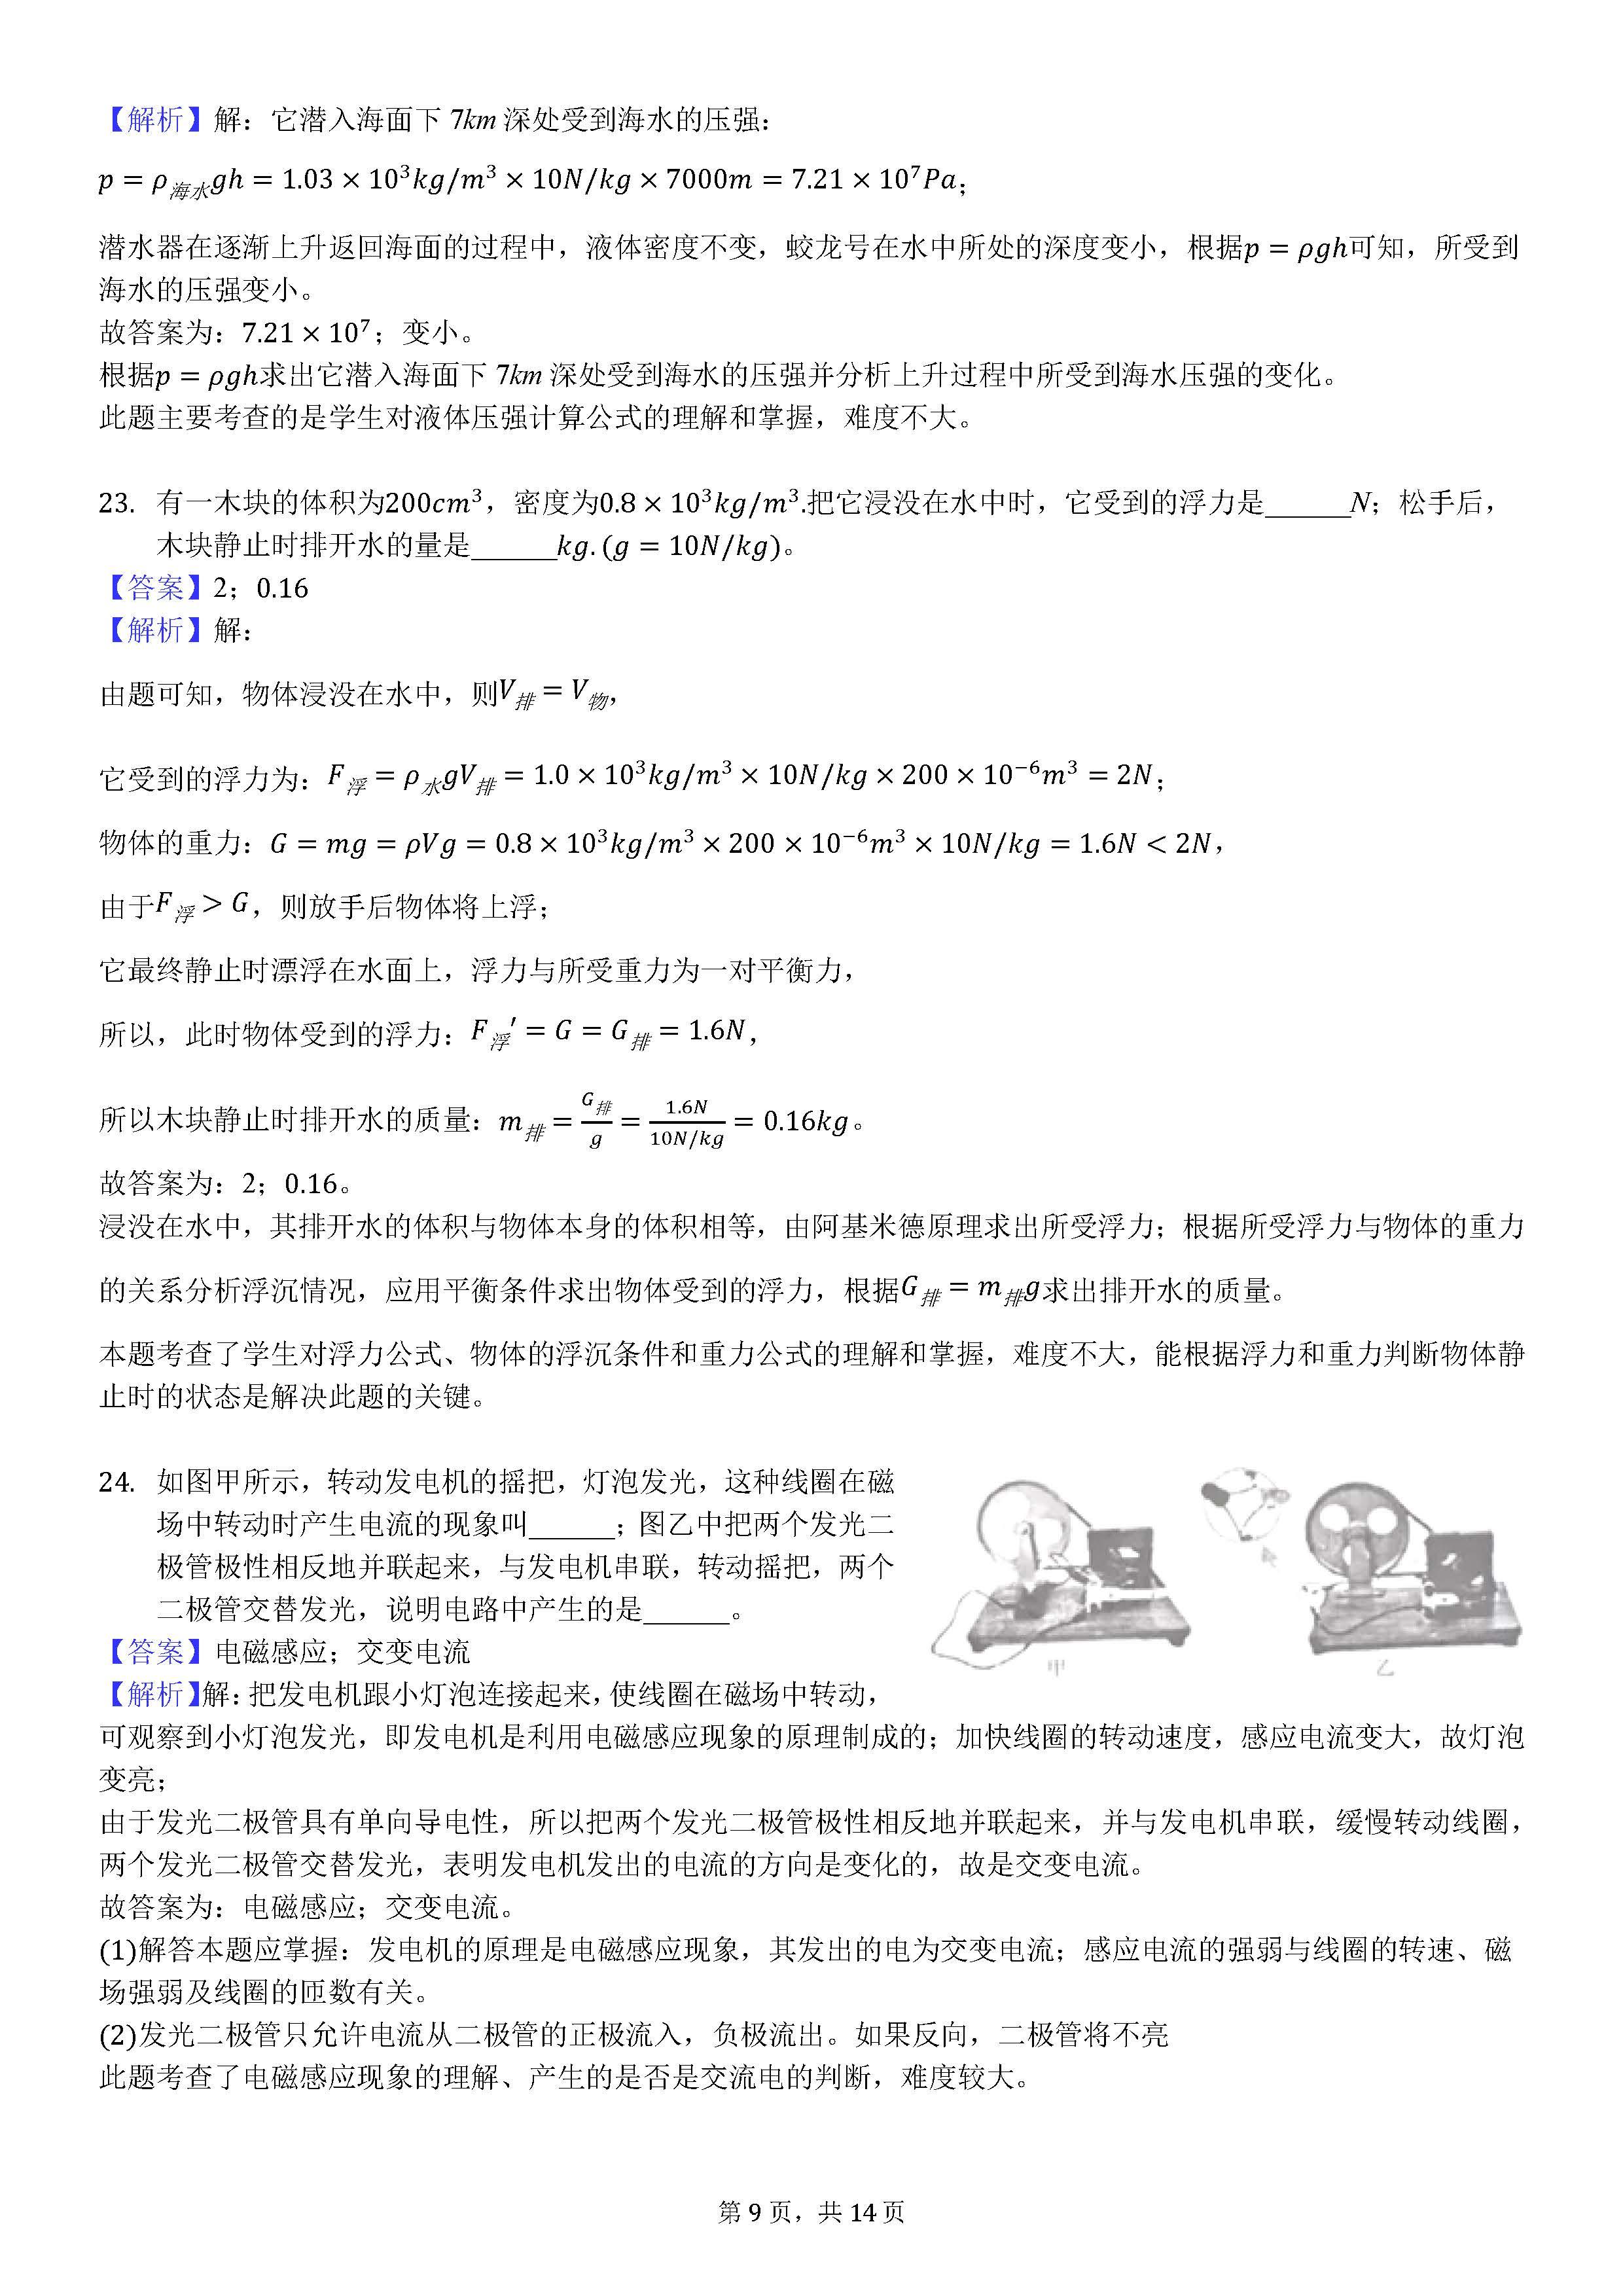 2018宜昌中考物理试题及答案解析(图片版含答案)